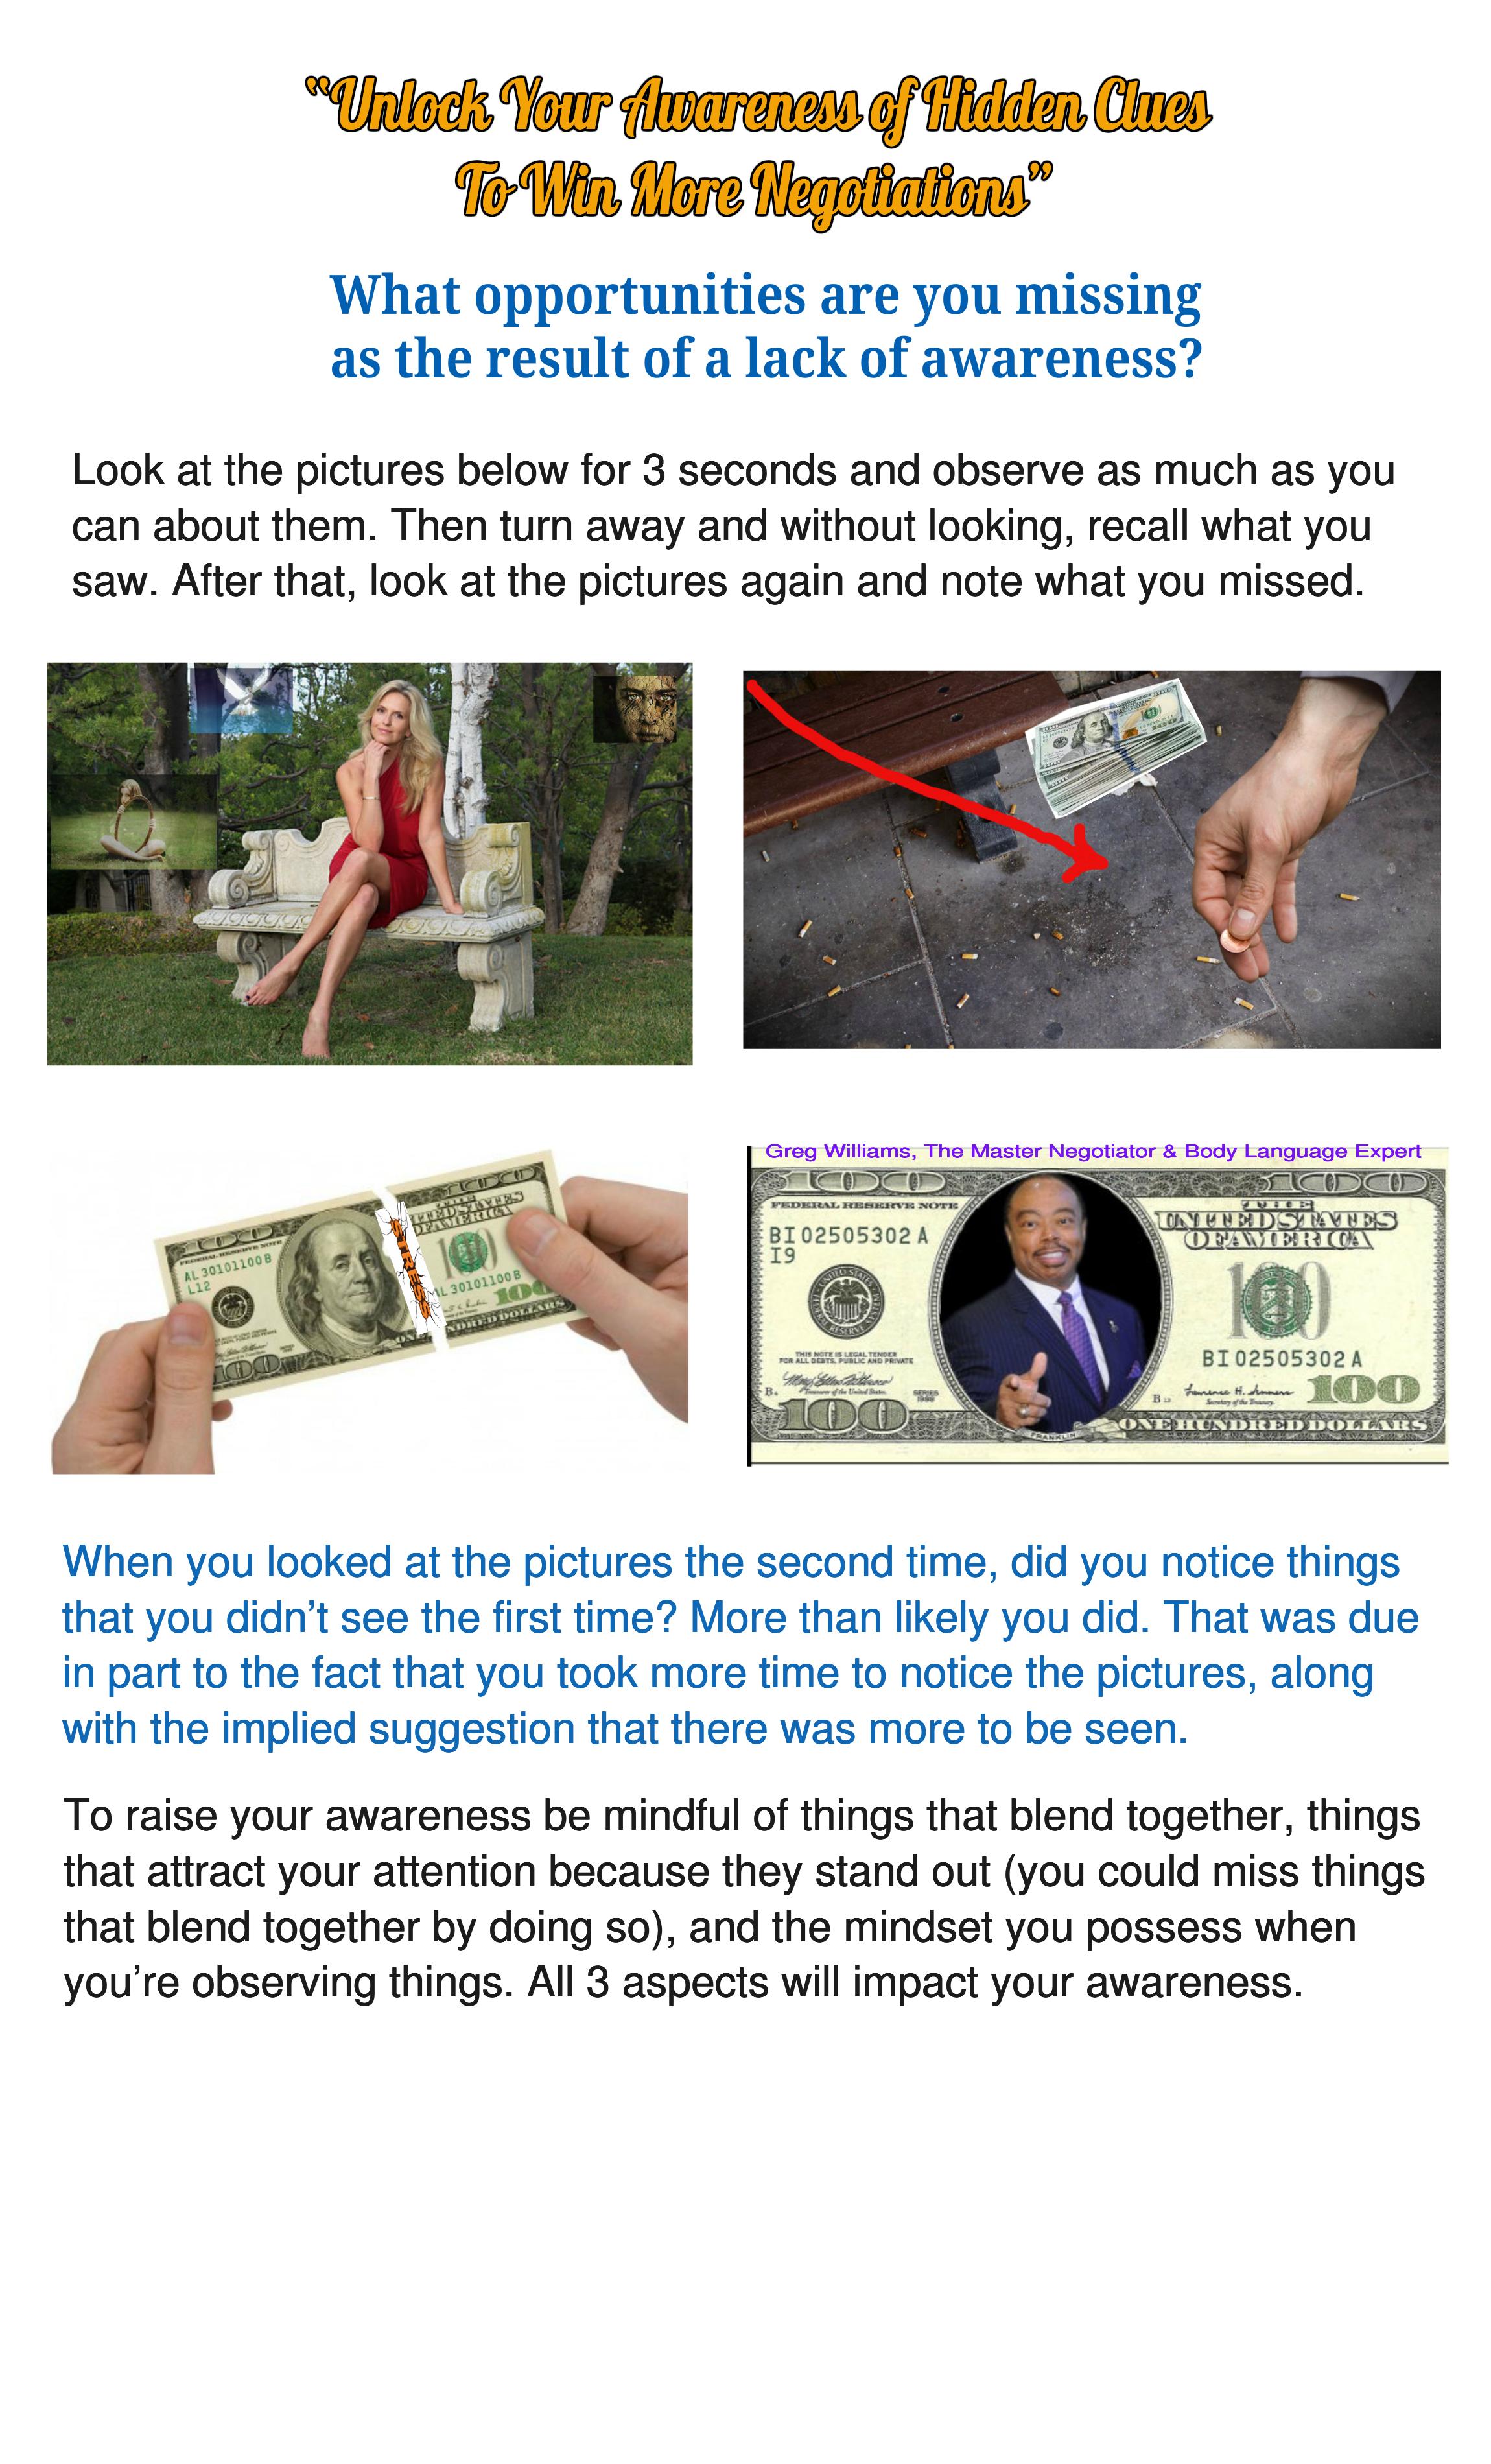 Unlock Your Awareness of Hidden Clues To Win More Negotiations